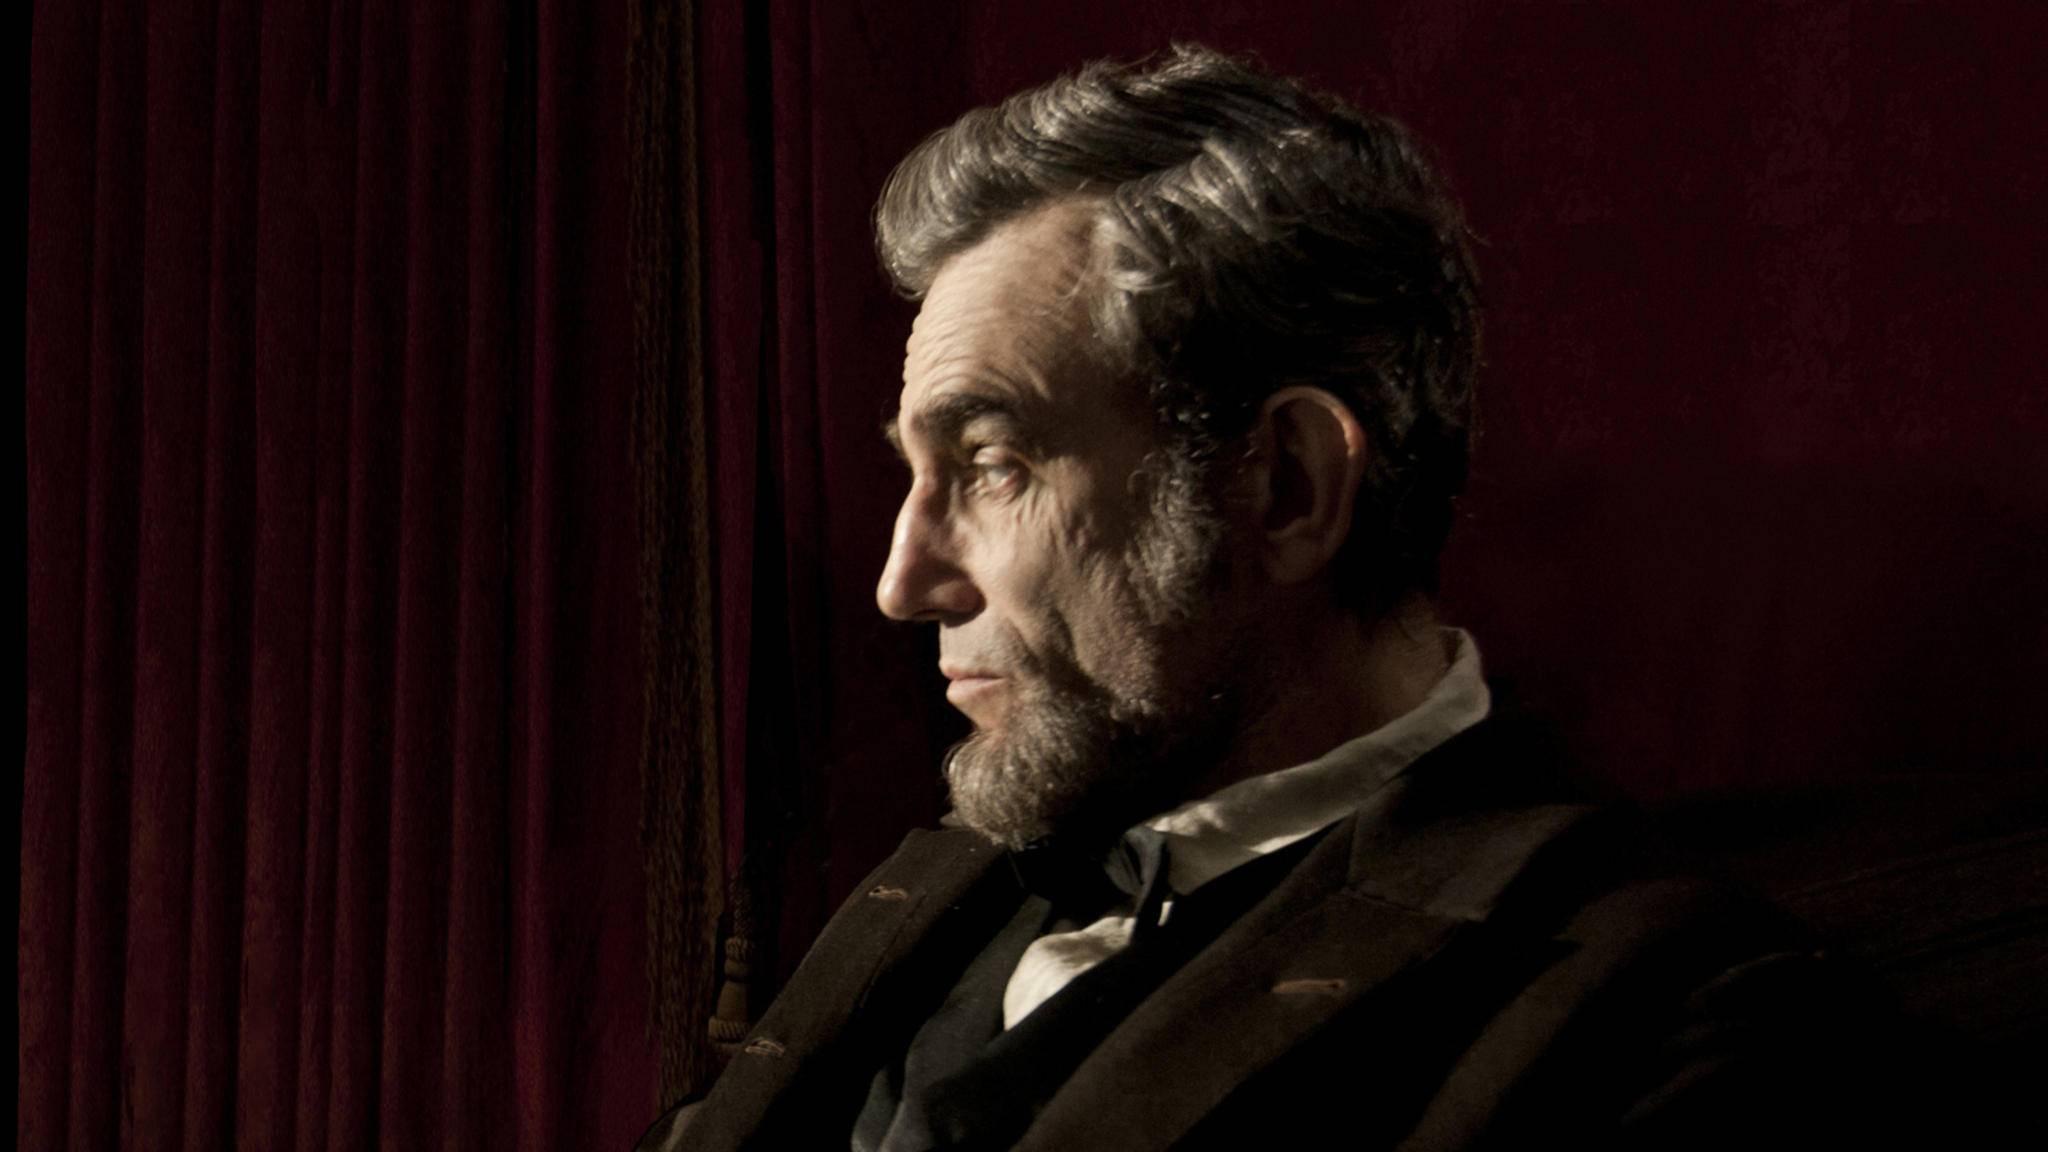 Für seine Performance als US-Präsident Abraham Lincoln wurde Daniel Day-Lewis mit seinem dritten Oscar ausgezeichnet.